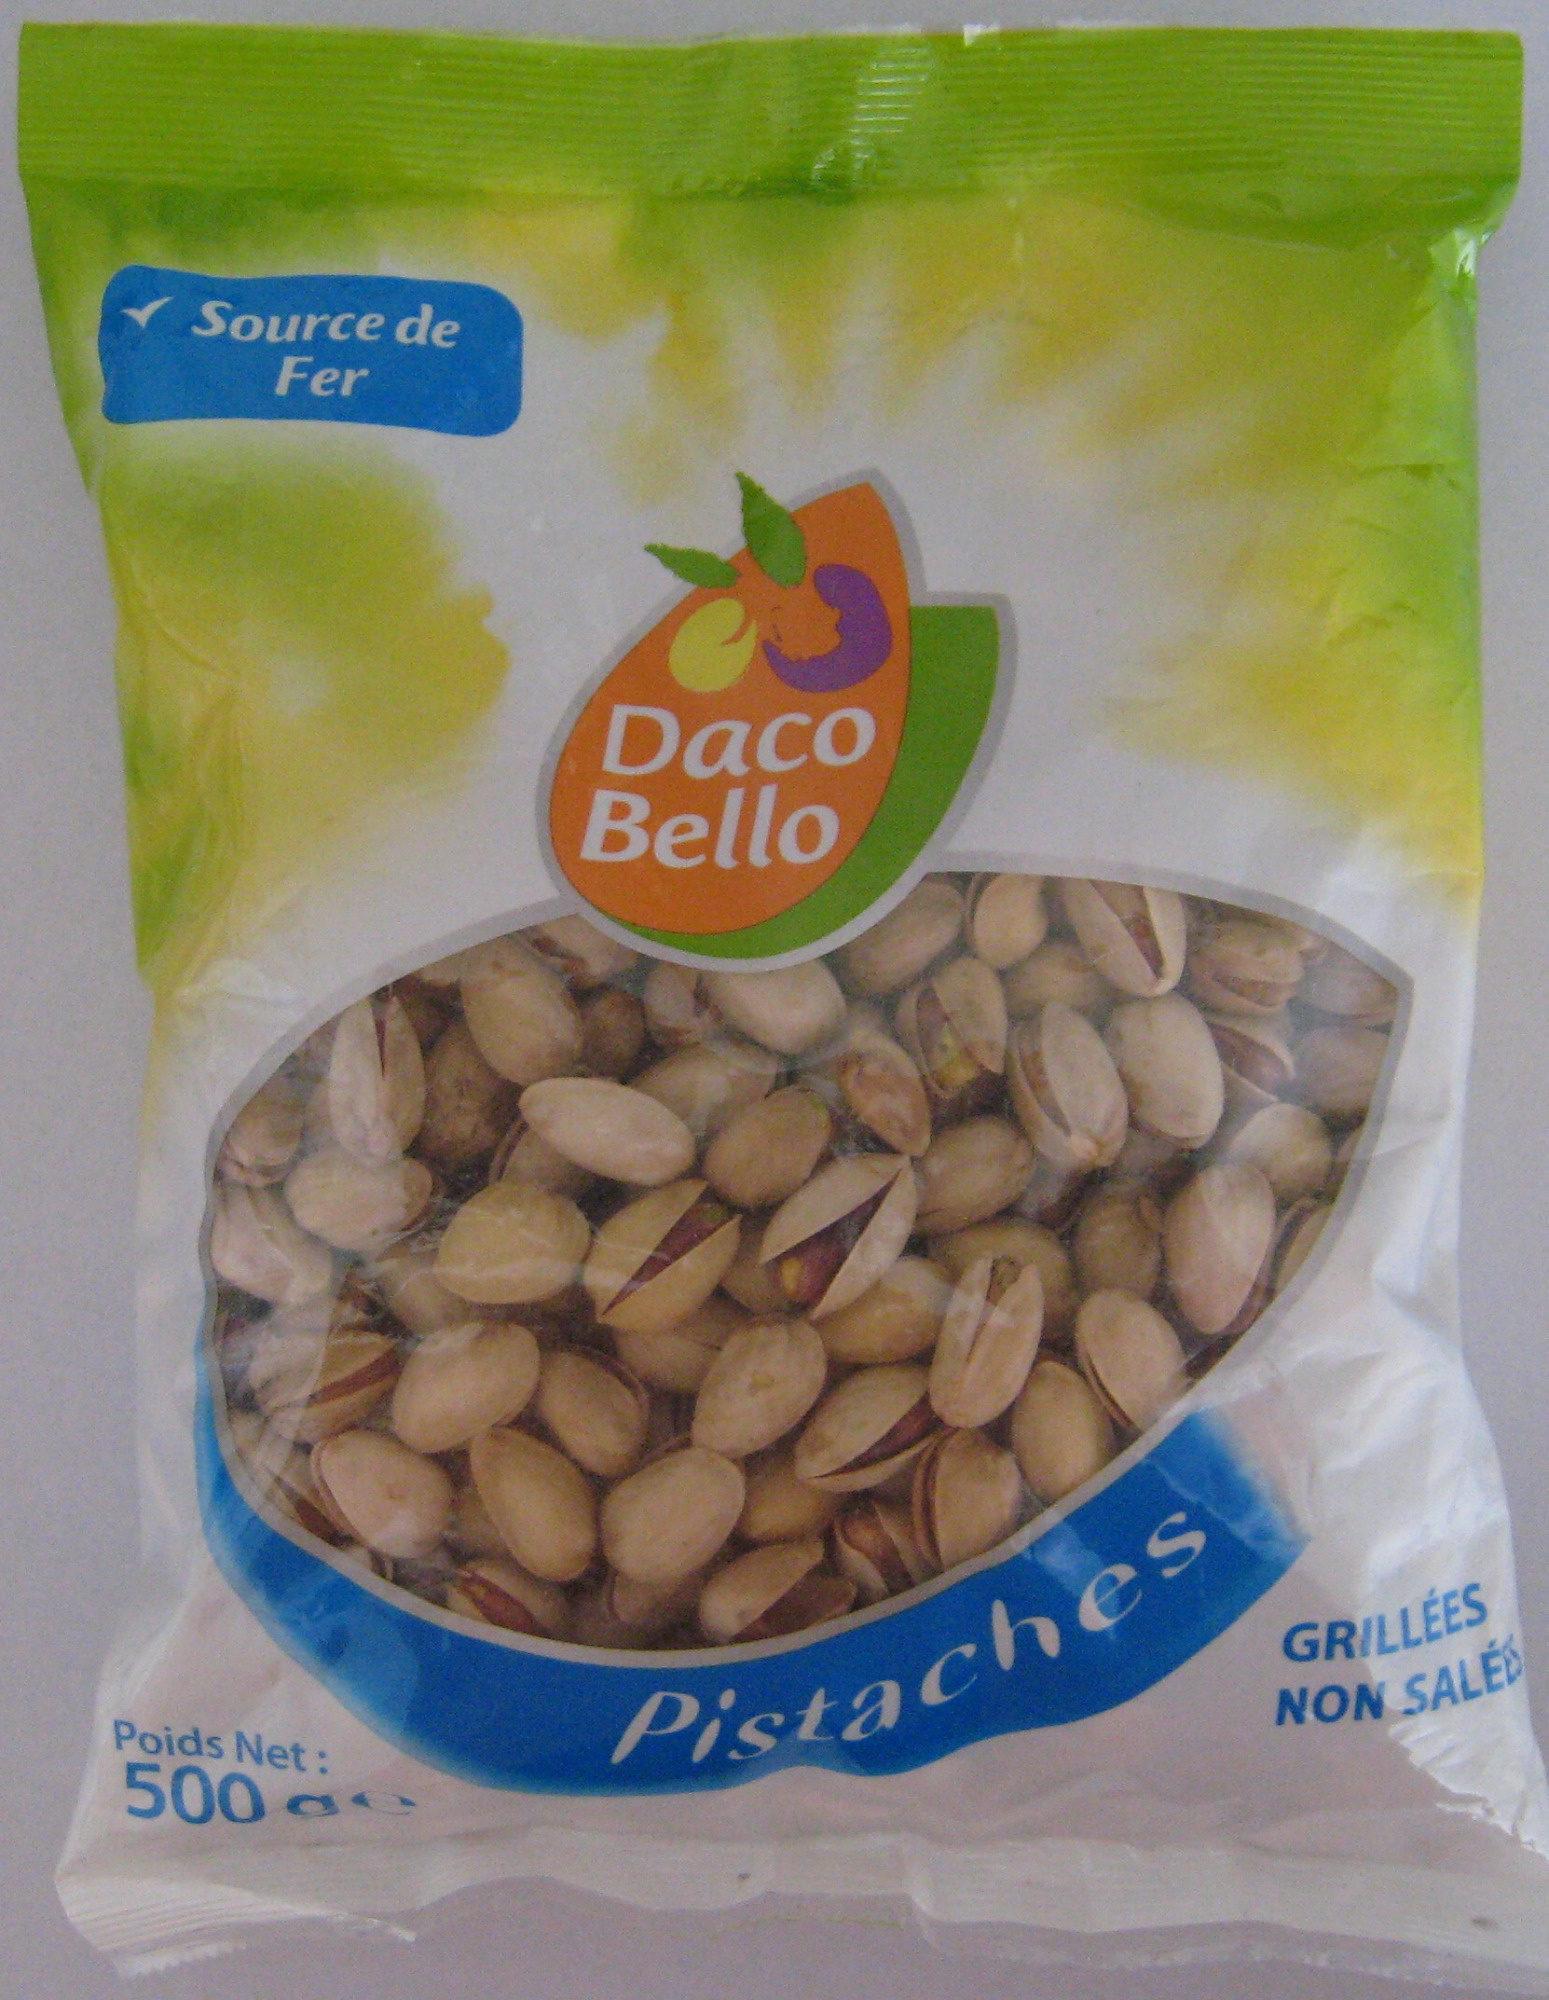 Pistaches Grillées non salées Daco Bello - Produit